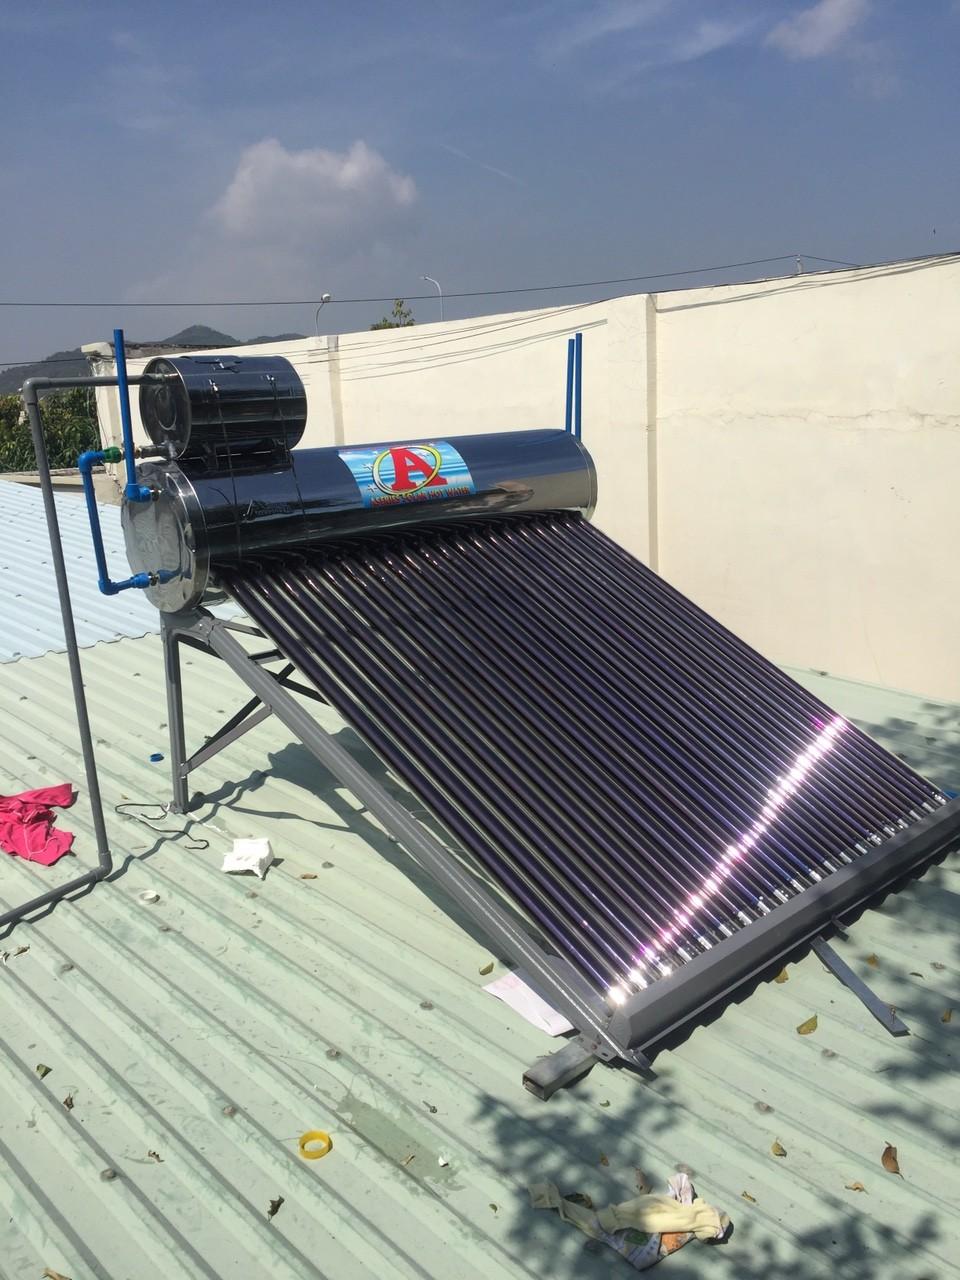 sua chua may nang luong mat troi quan 6 - Sửa chữa máy năng lượng mặt trời quận 6 tphcm